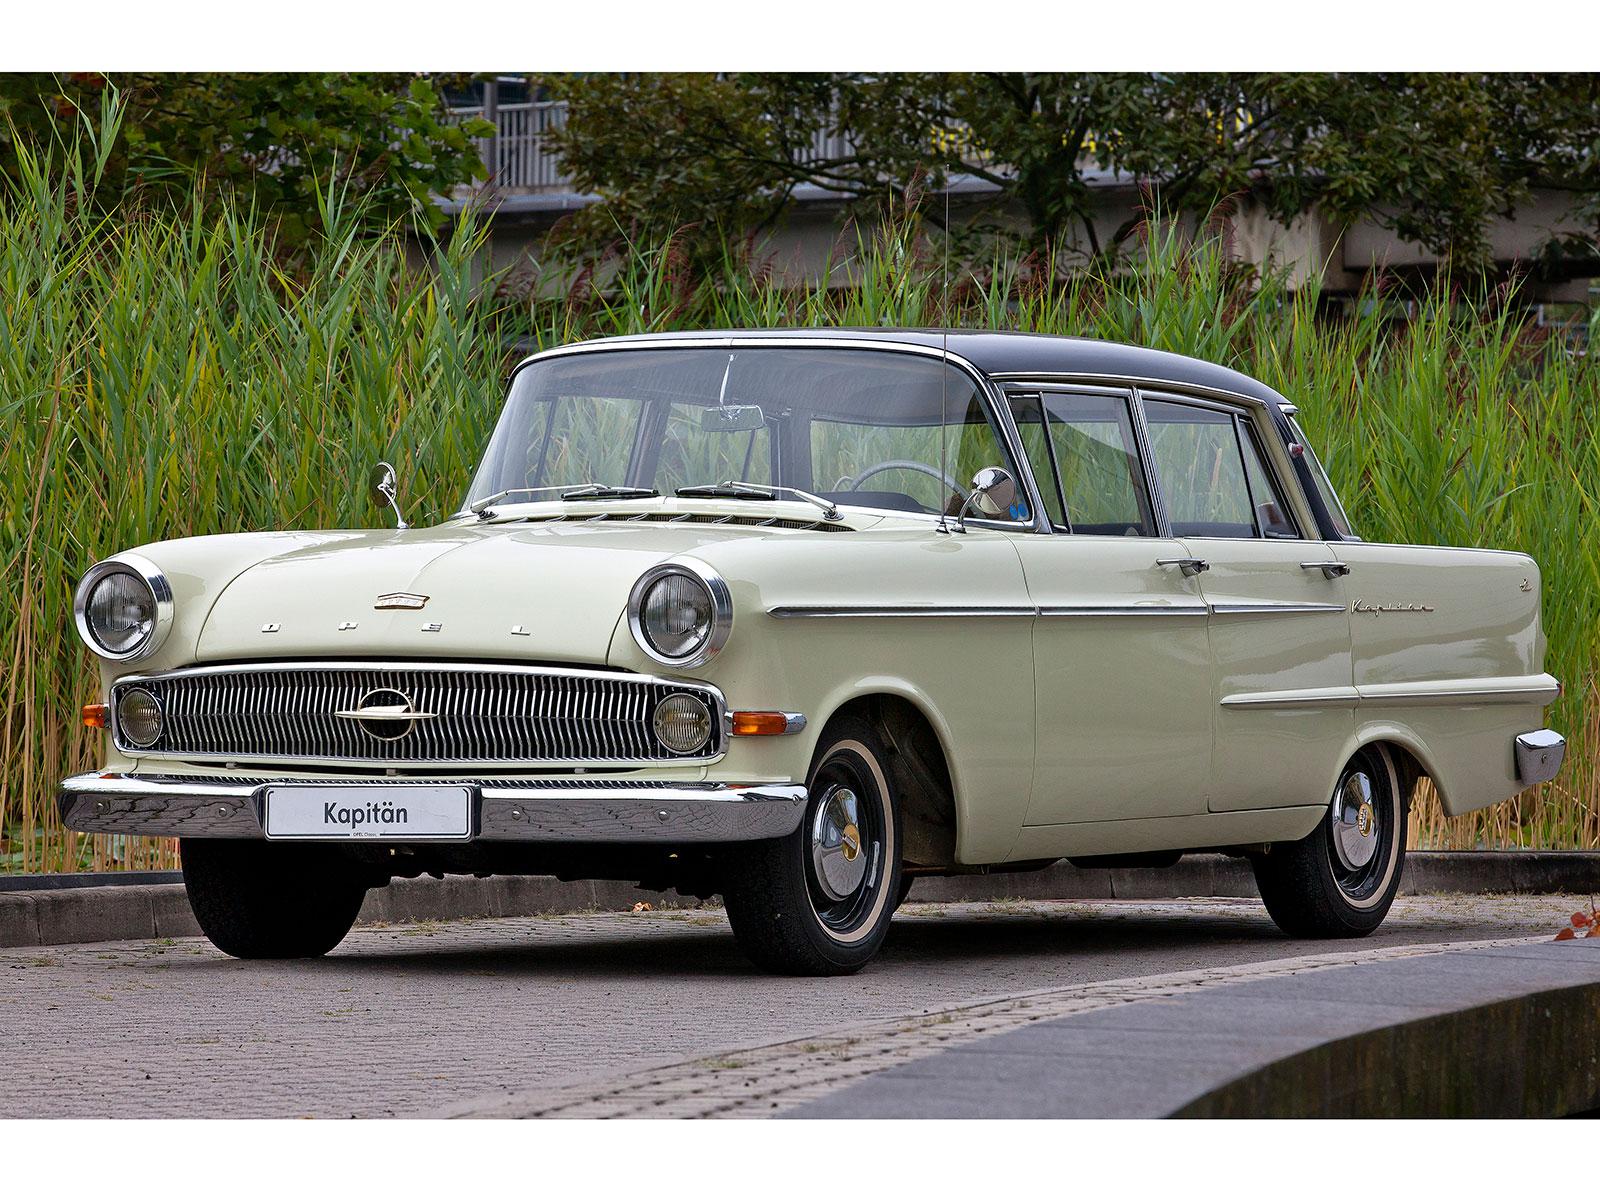 1959 Opel Kapitaen 287869 Autoguru At